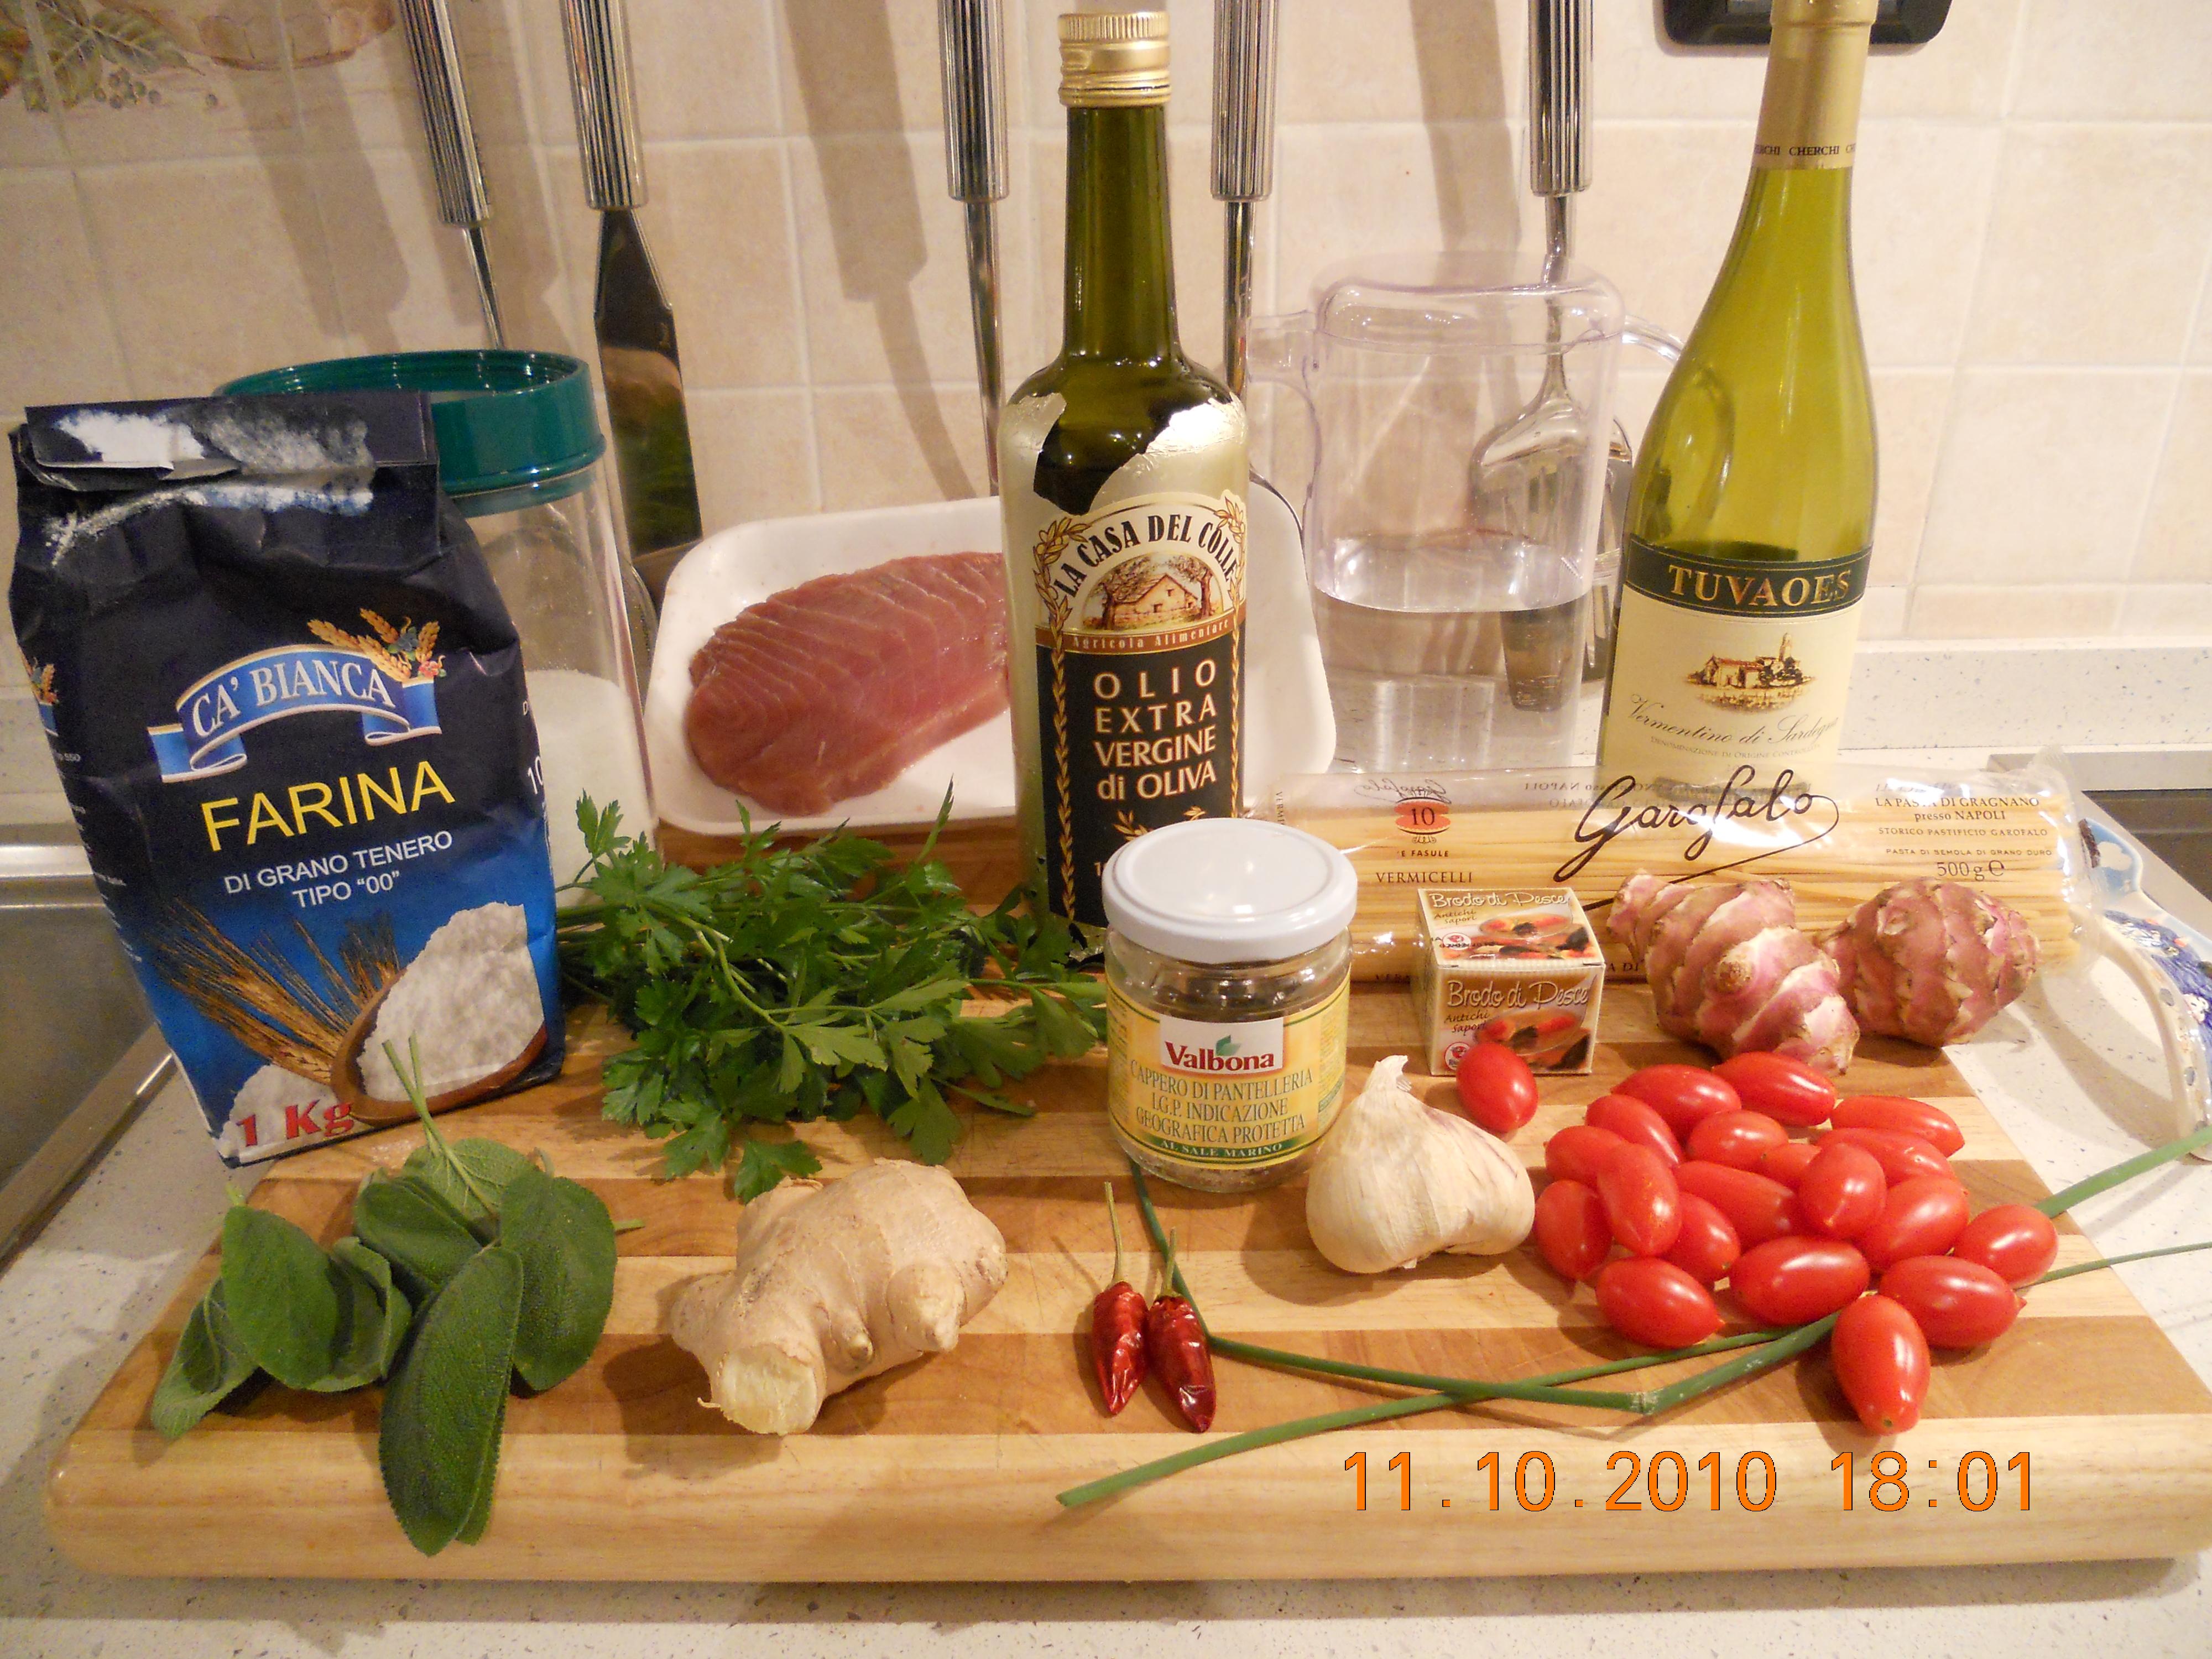 Pasta con dadotti di tonno fresco e topinambur al profumo di zenzero - ingredienti